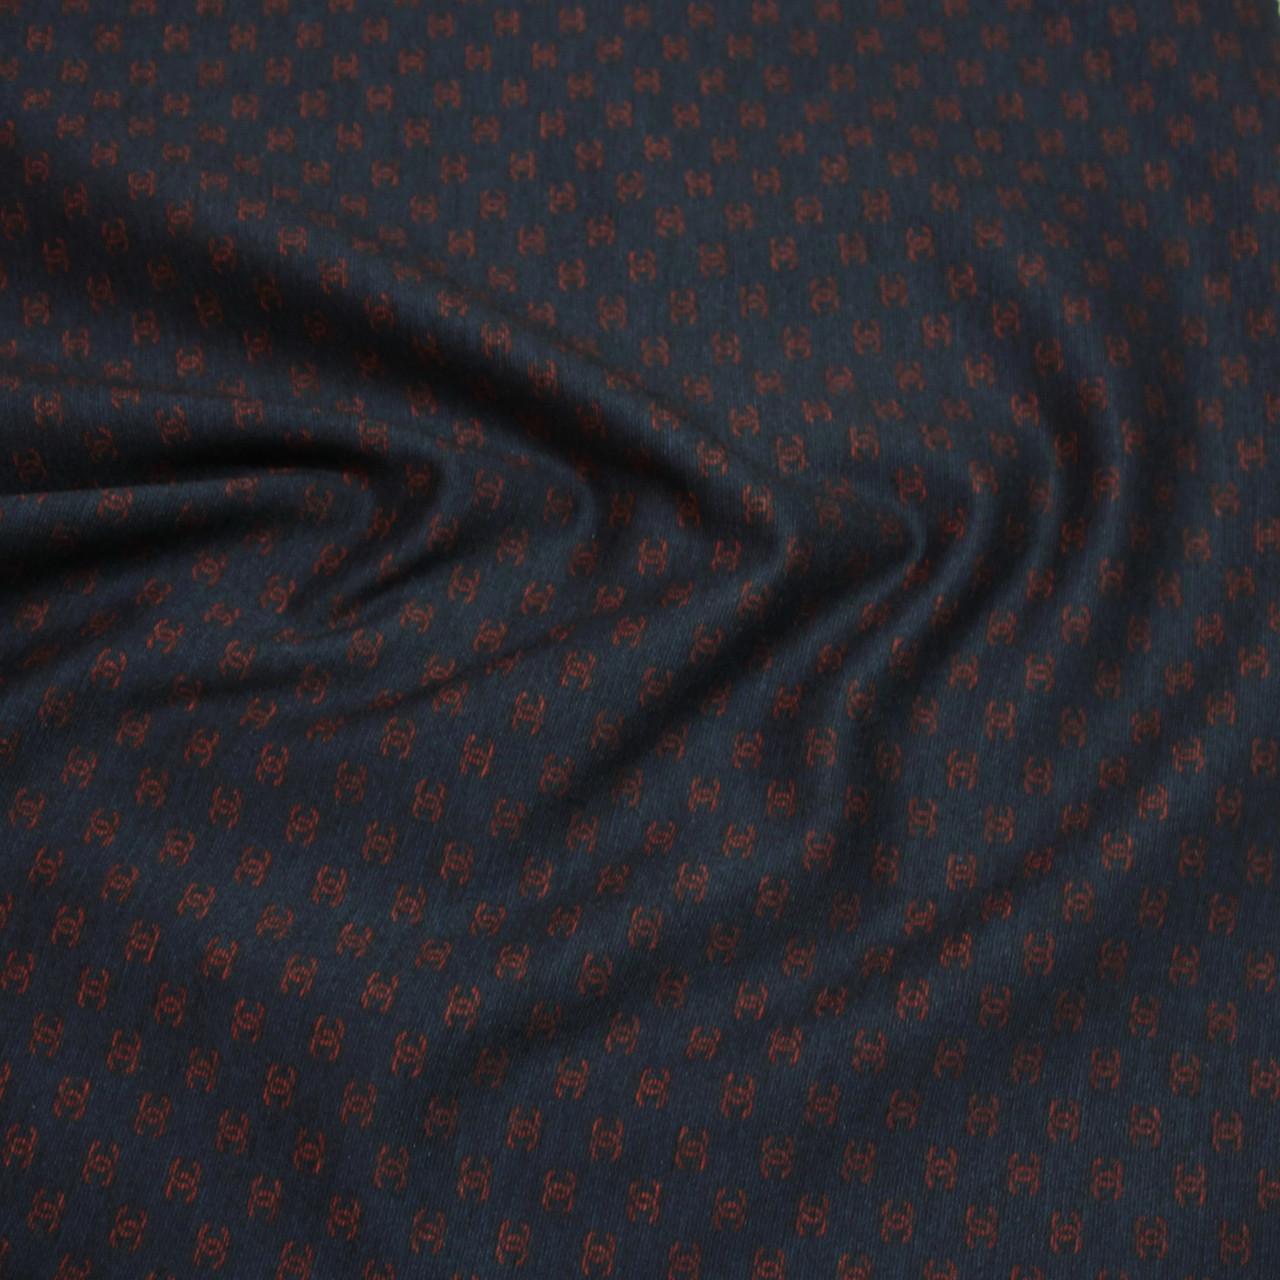 Трикотаж Алекс (джерси) принт D-27-2 темно-синий